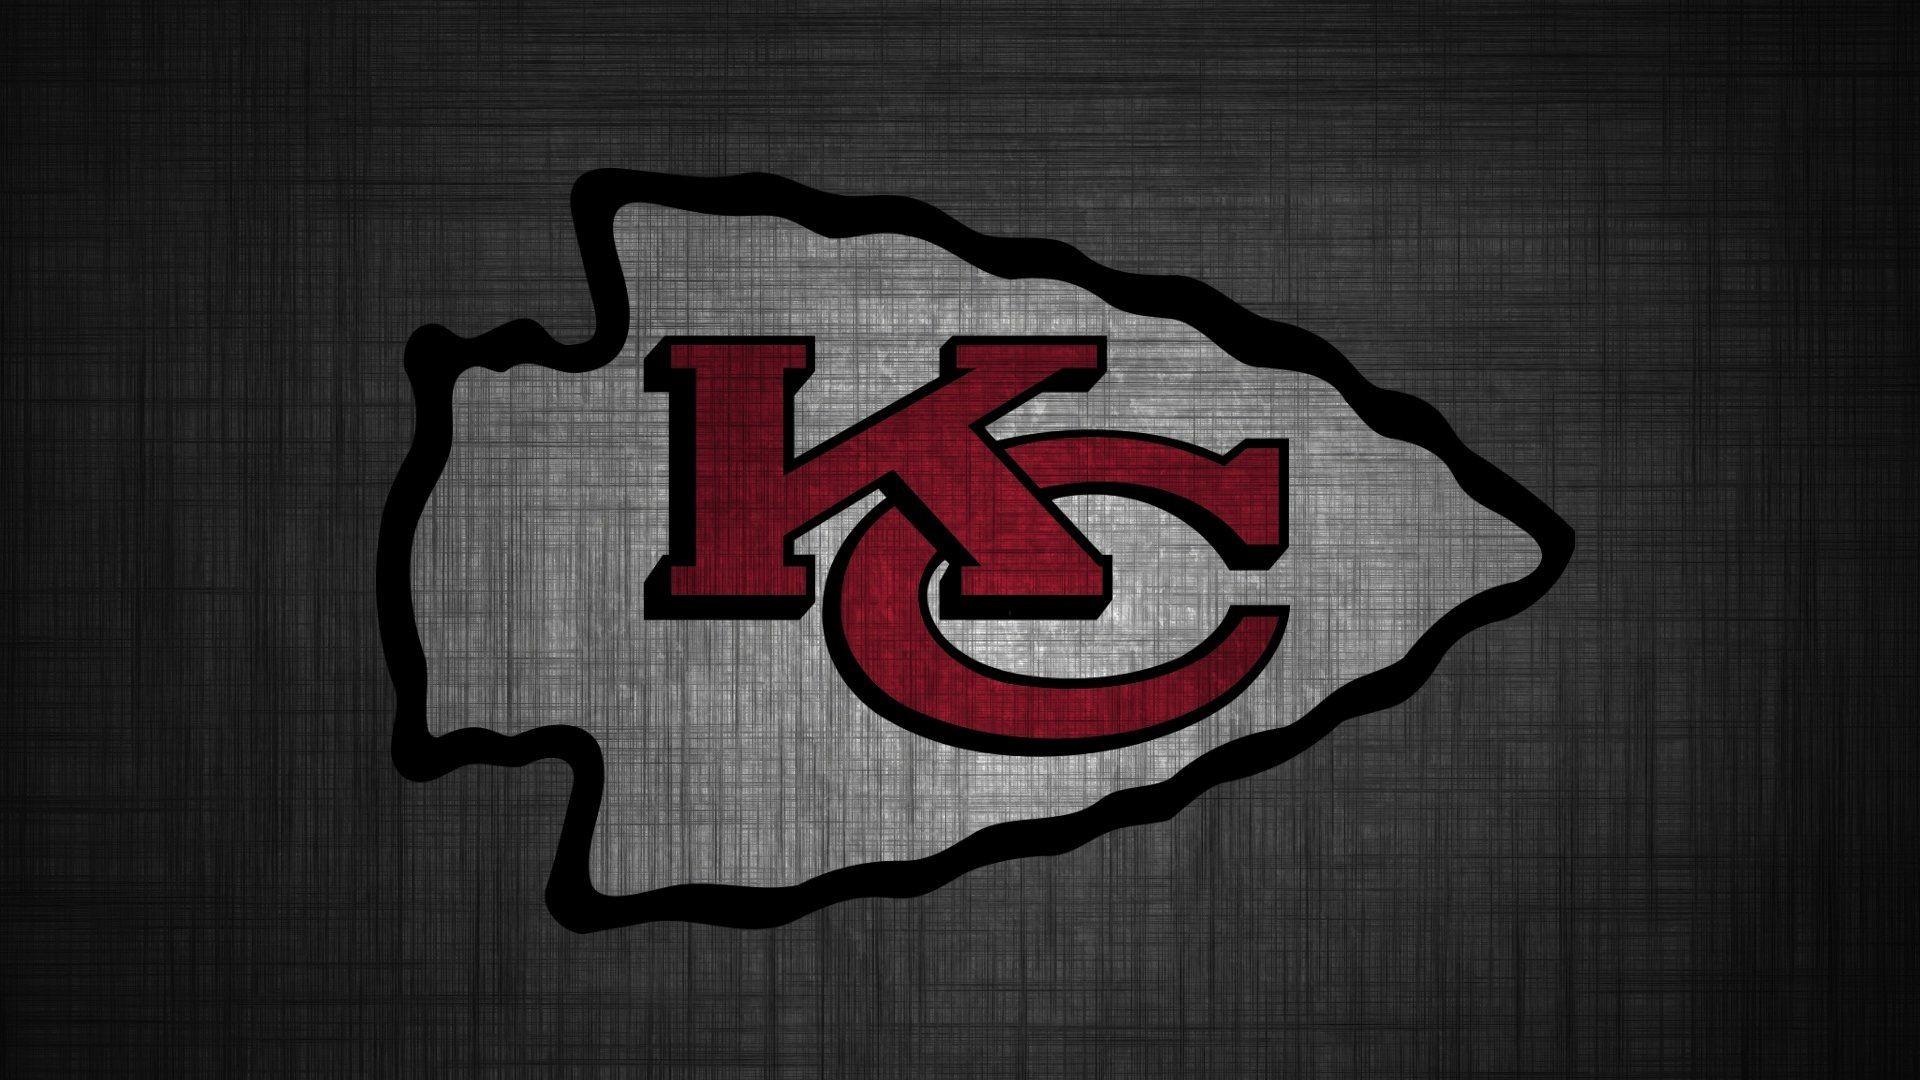 Kansas City Chiefs HD Wallpaper